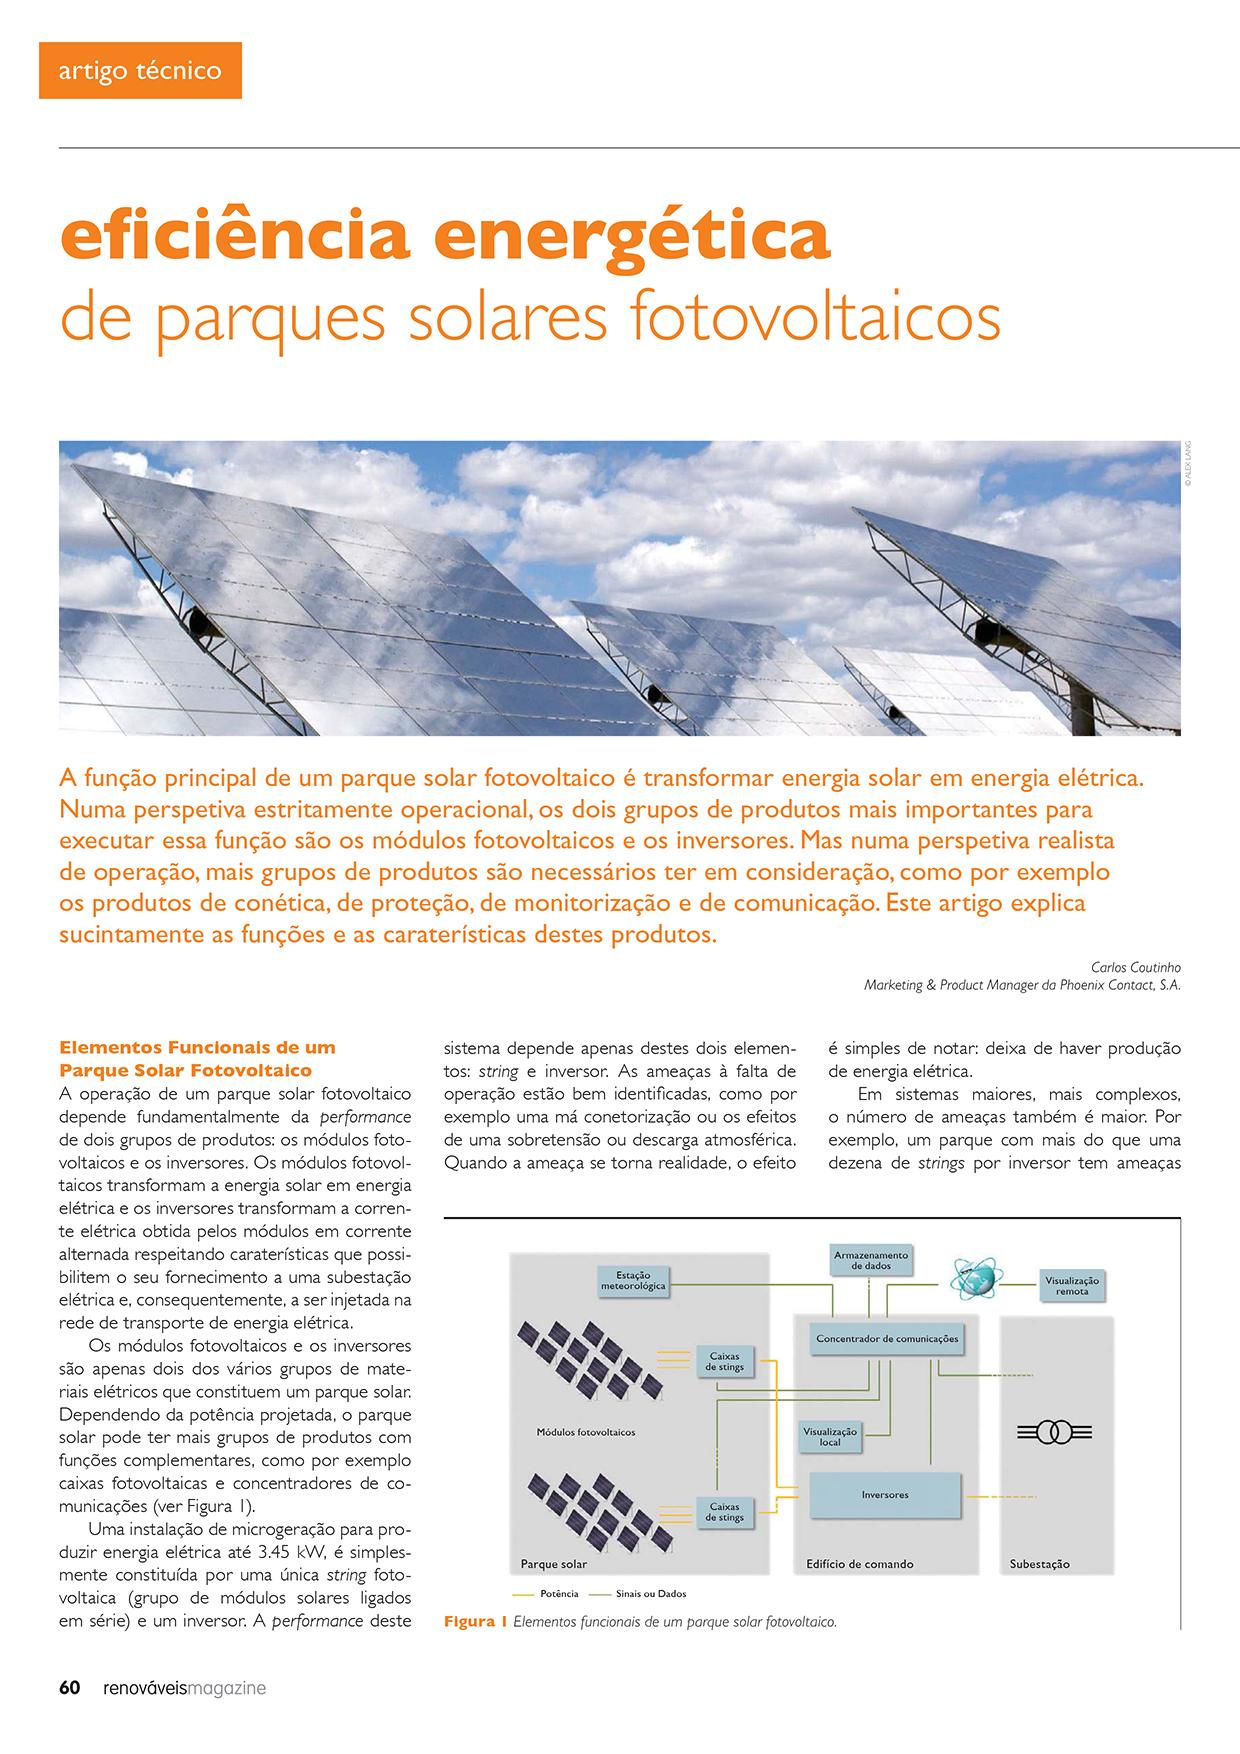 Artigo sobre eficiência energética de parques solares fotovoltaicos